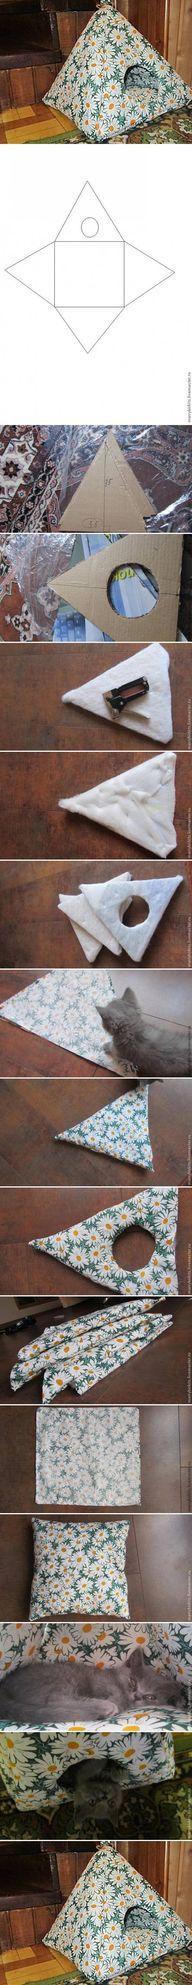 Casa para gatos como fazer...